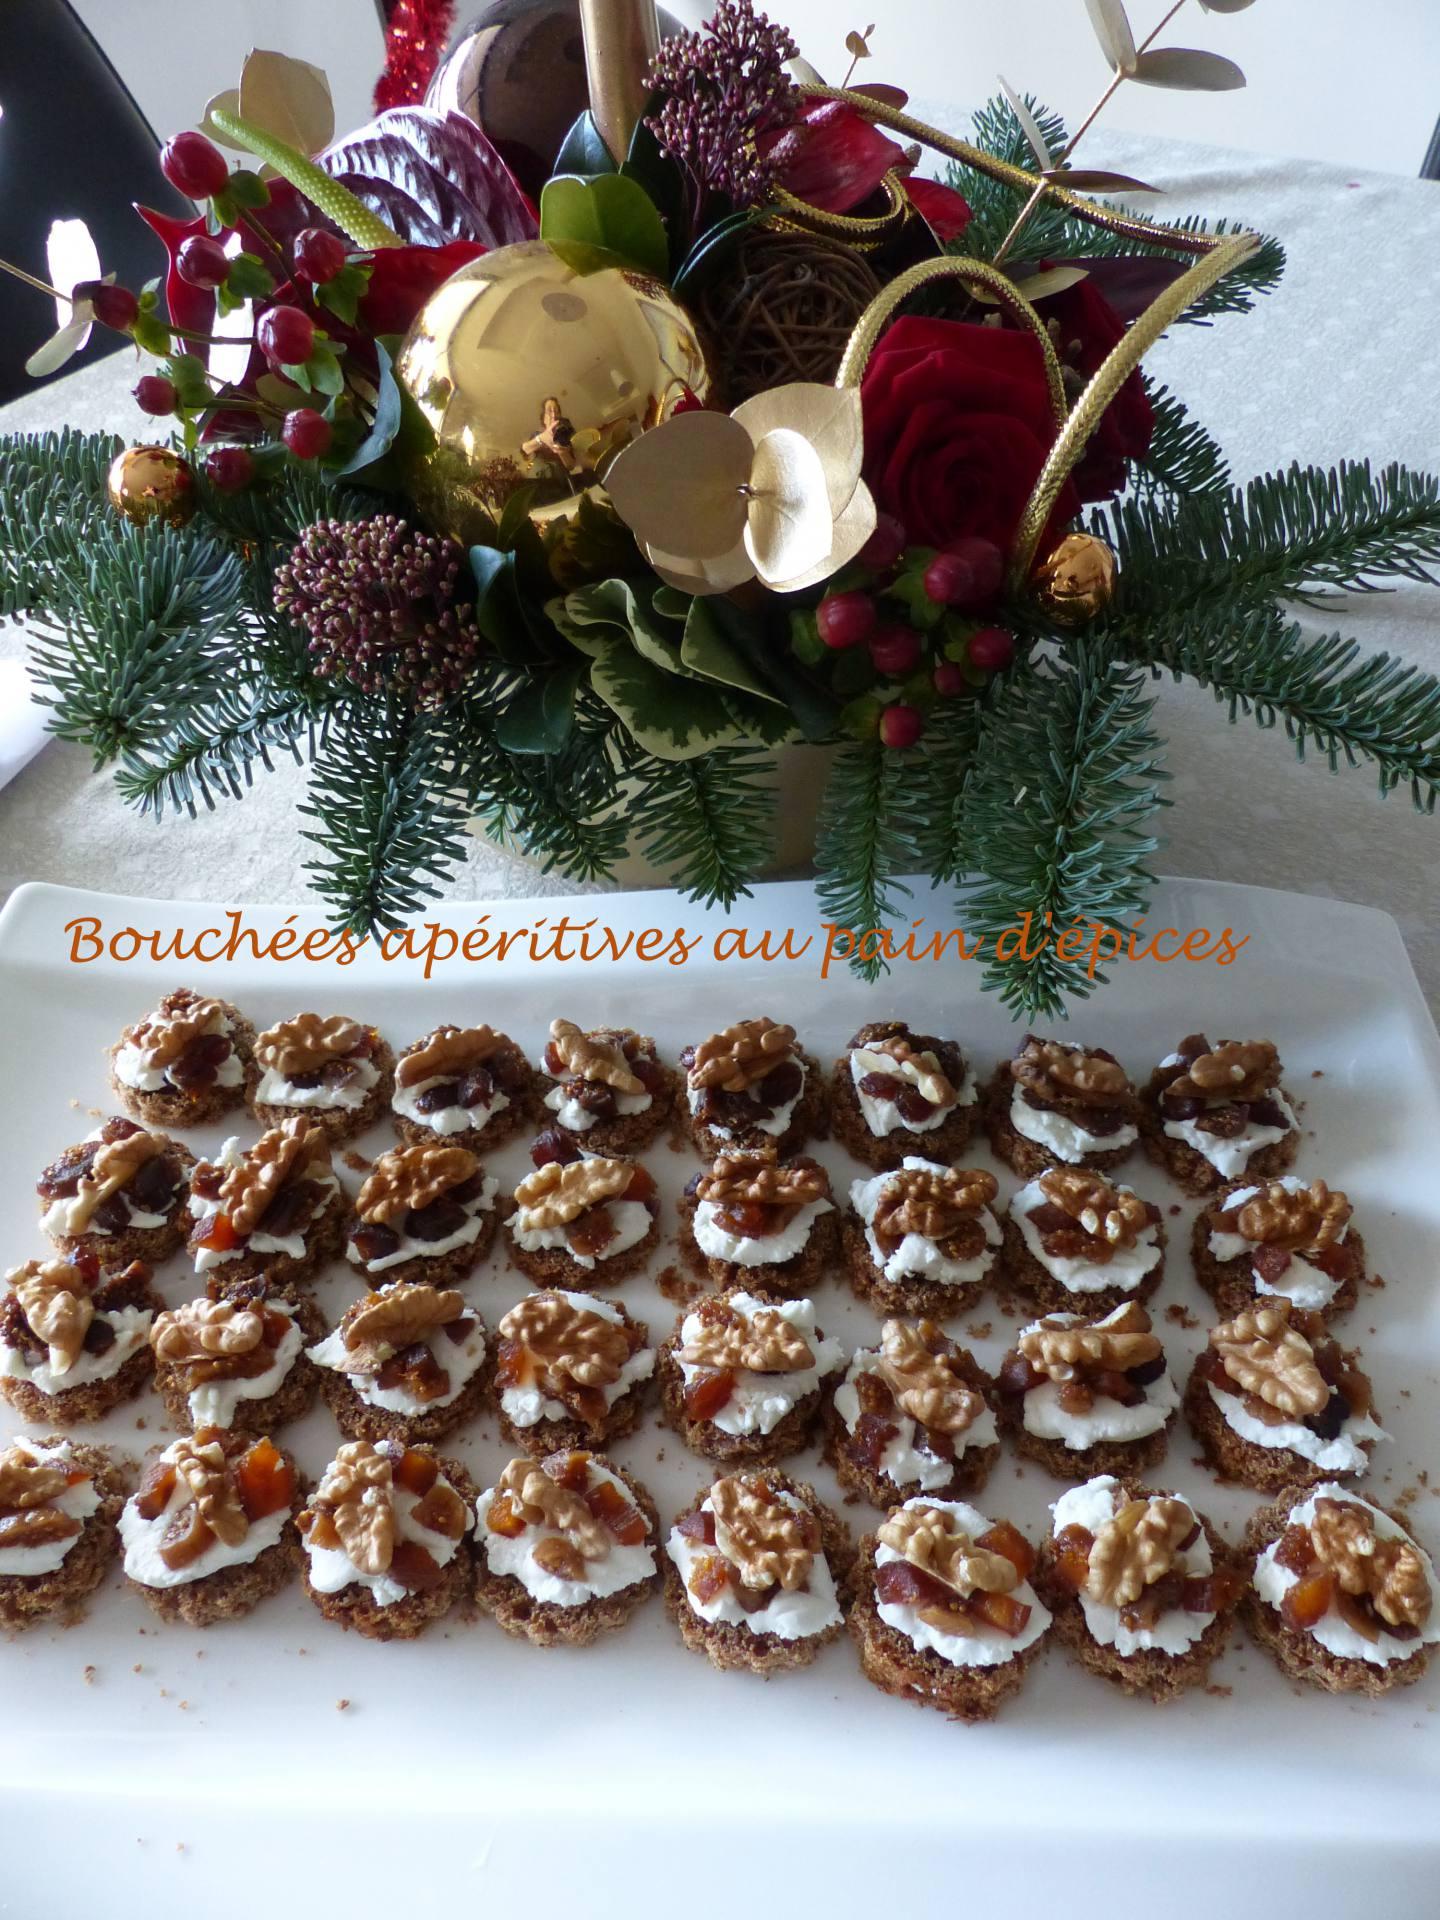 Bouchées apéritives au pain d'épices P1210906 R